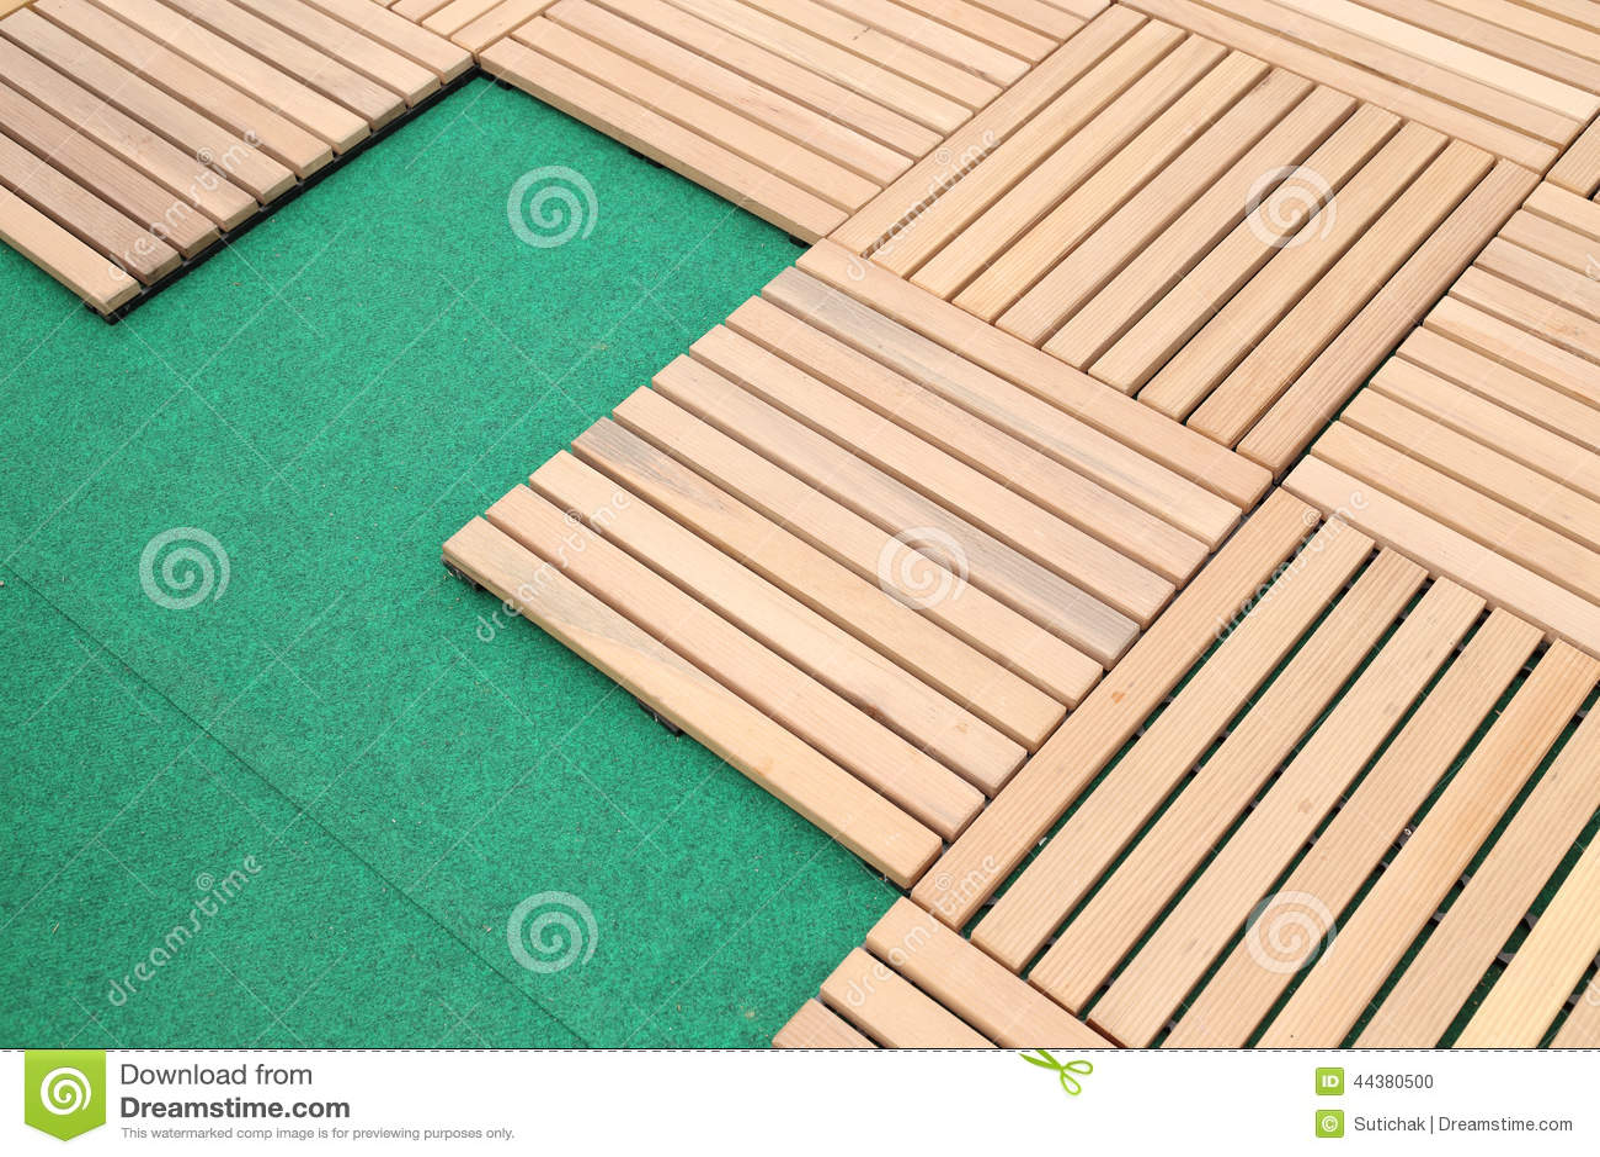 Wooden Deck Panels ~ Wood deck panel floor background stock photo image